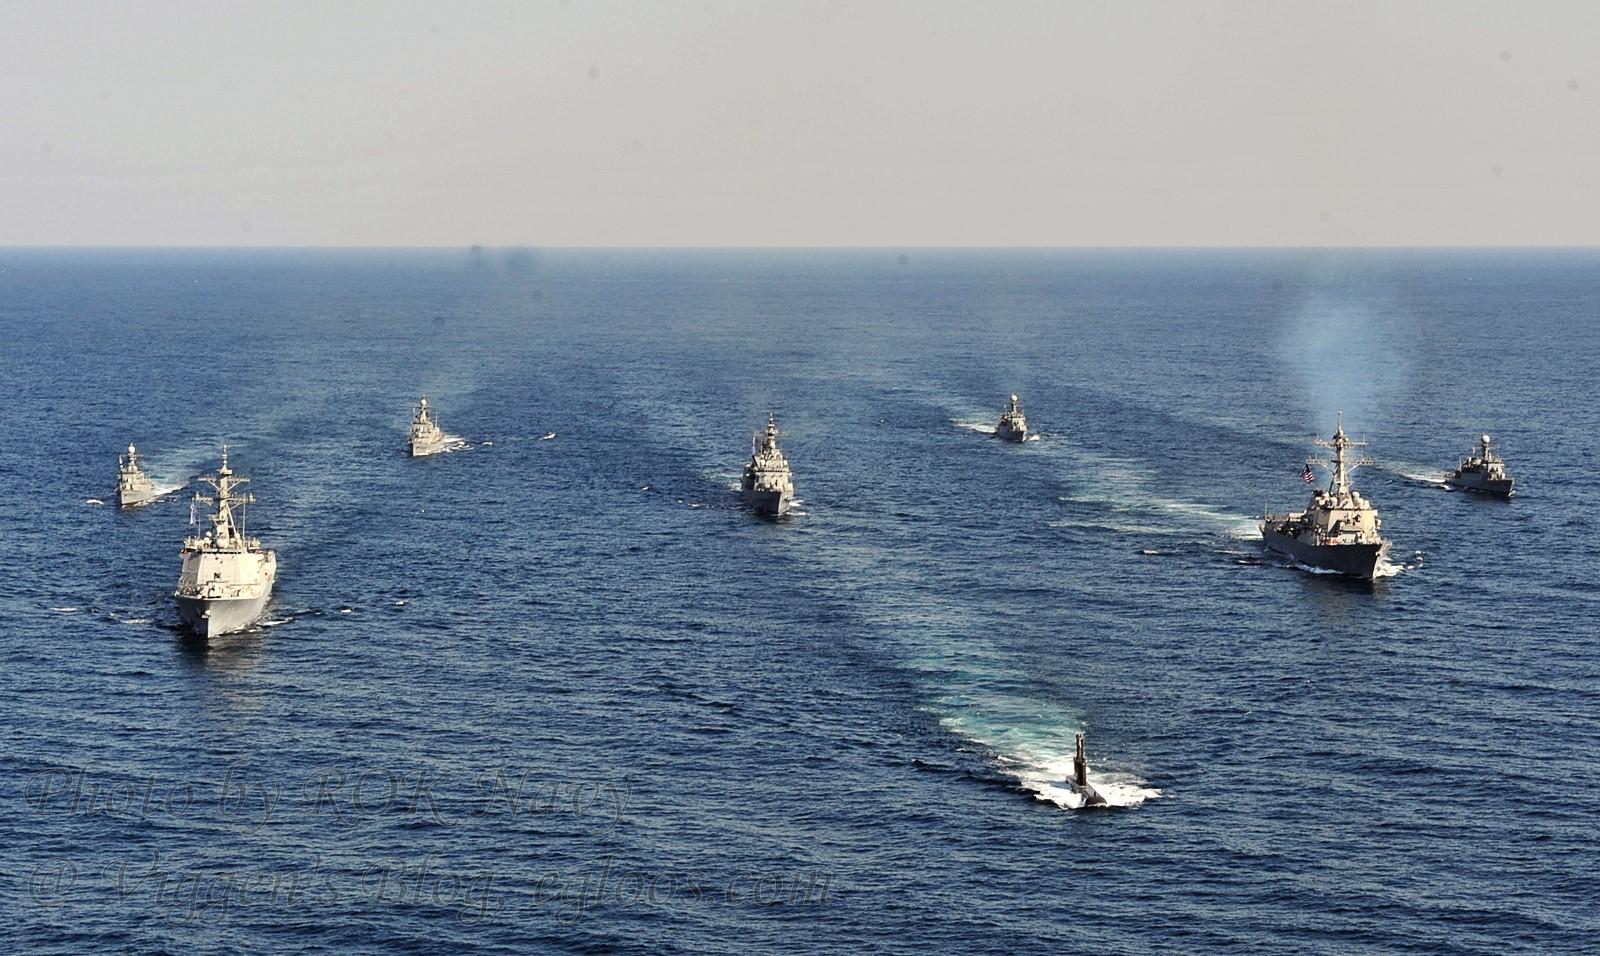 한미연합 해군 동해상에서 해상기동훈련 실시